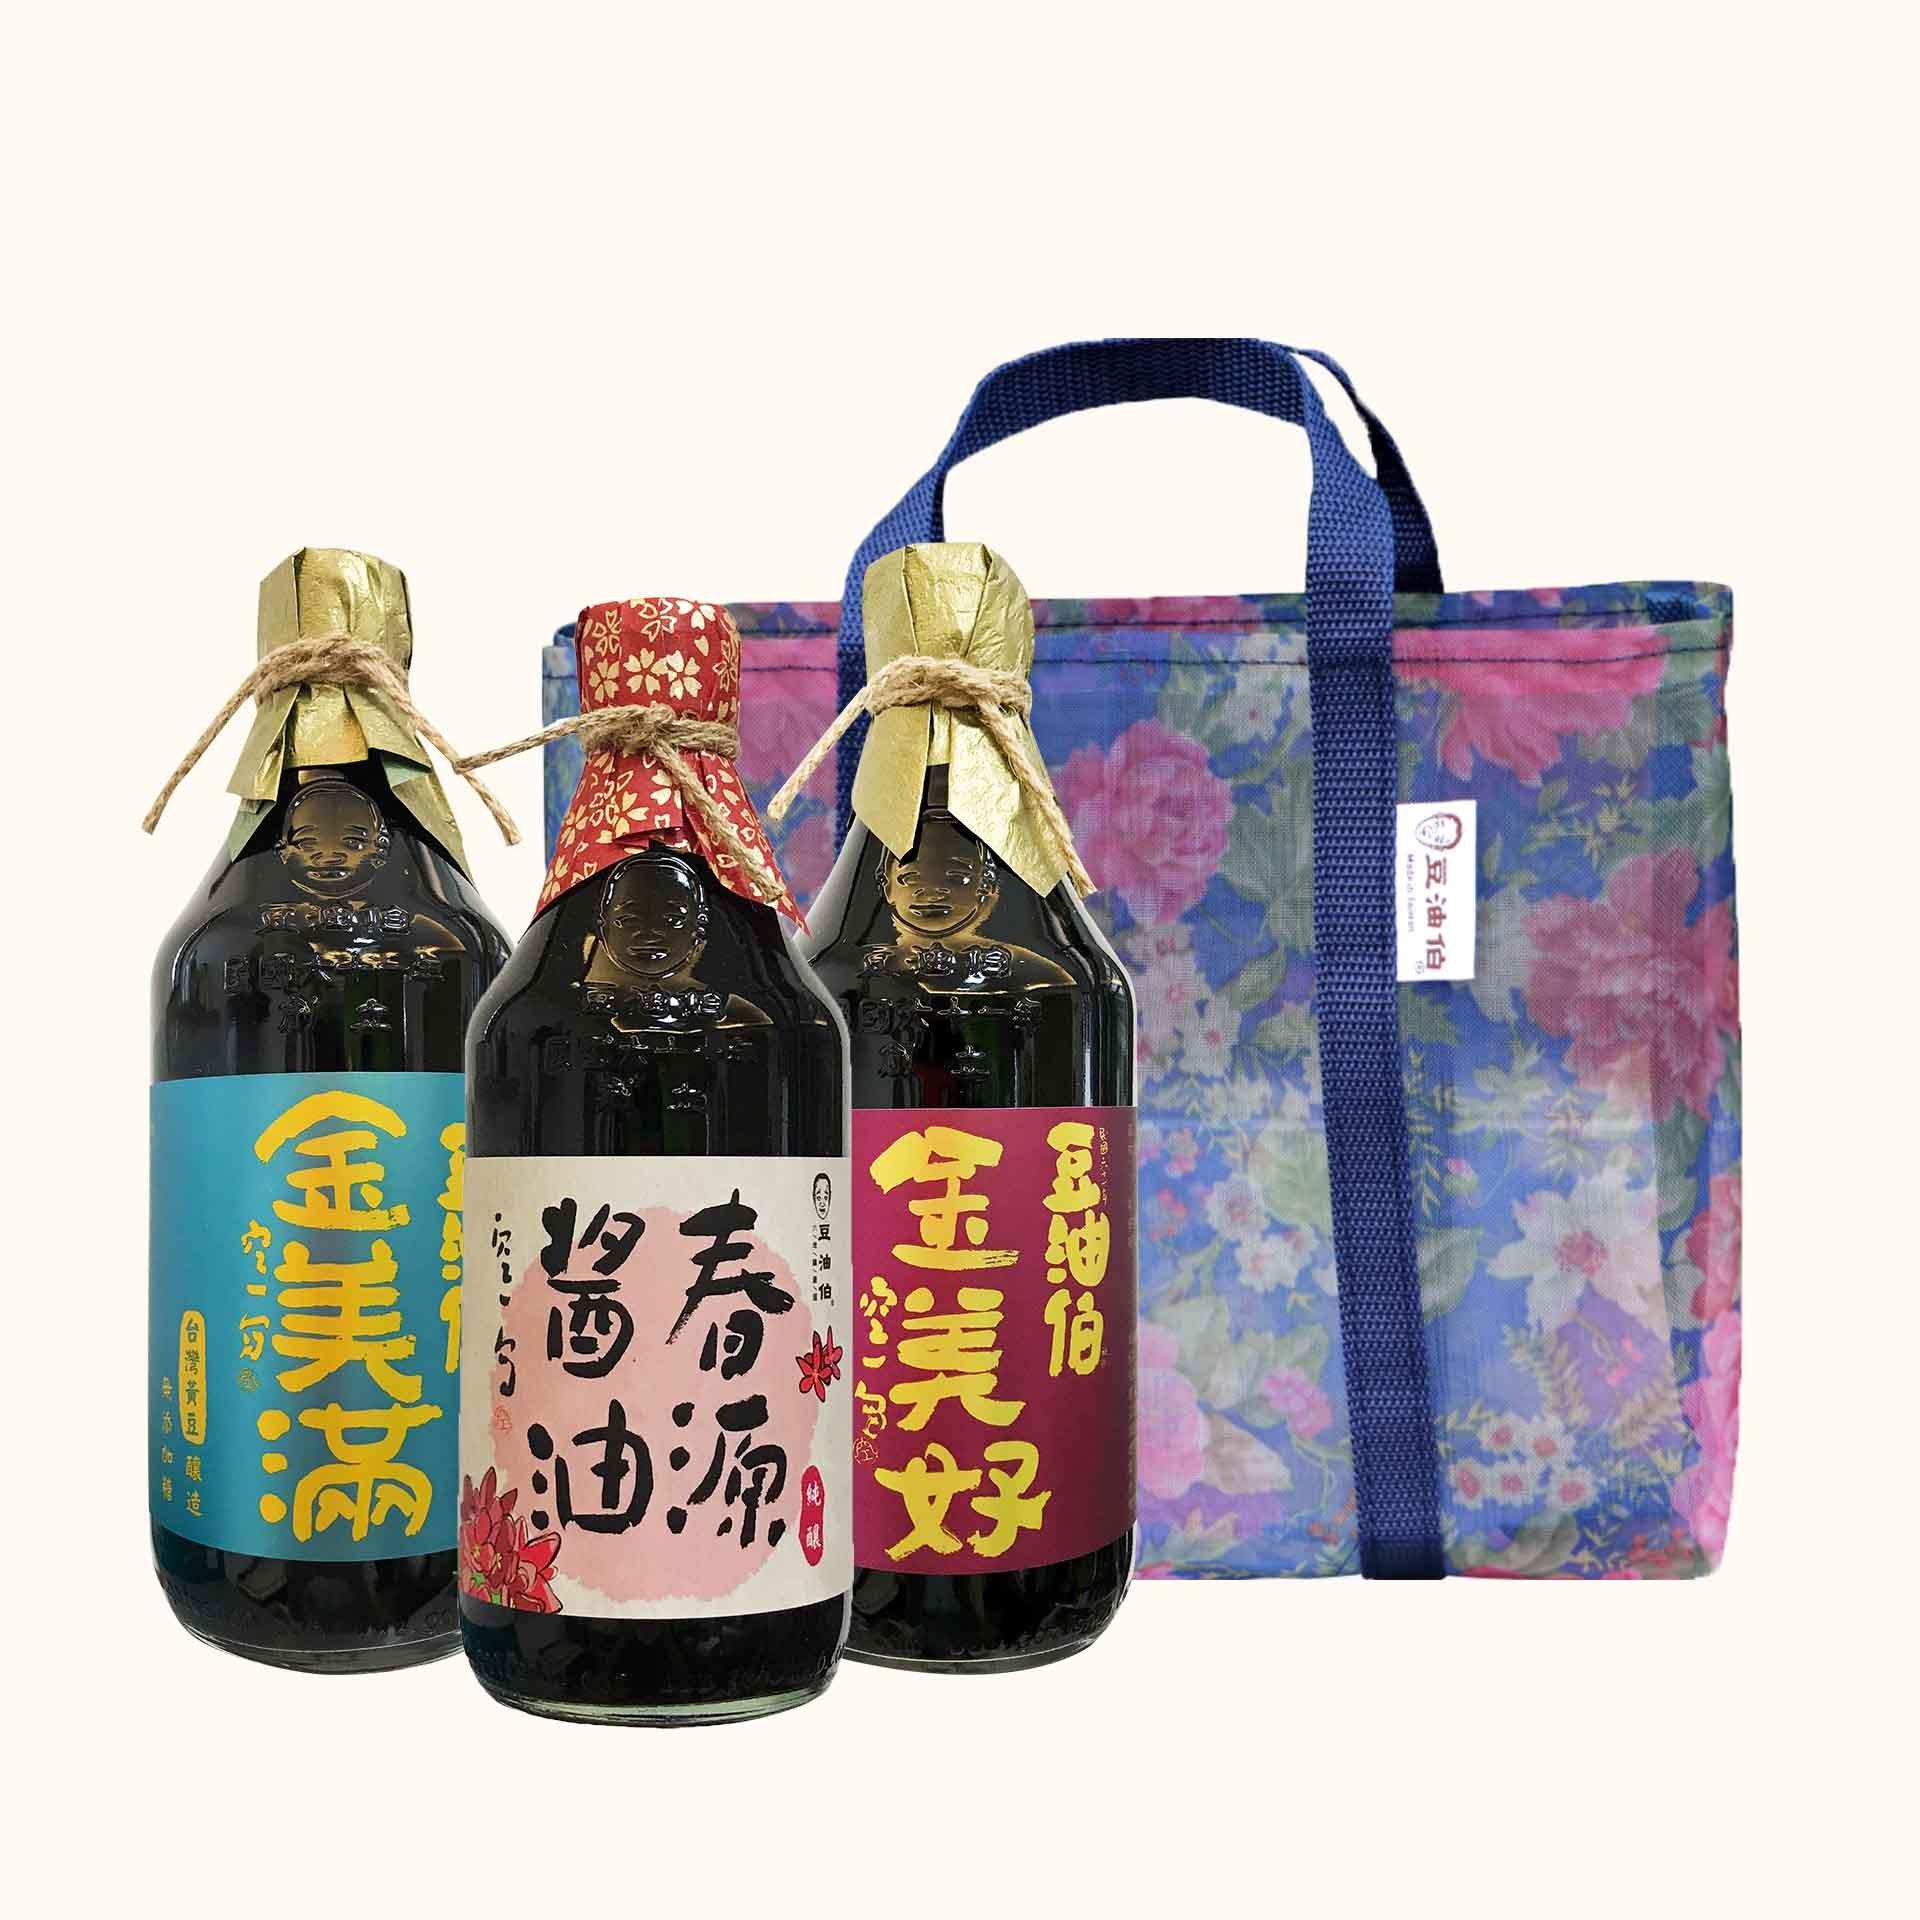 【AA無添加獎】春源醬油1入+金美好醬油1入+金美滿醬油1入(共3入)+復古花袋1入(不挑色)